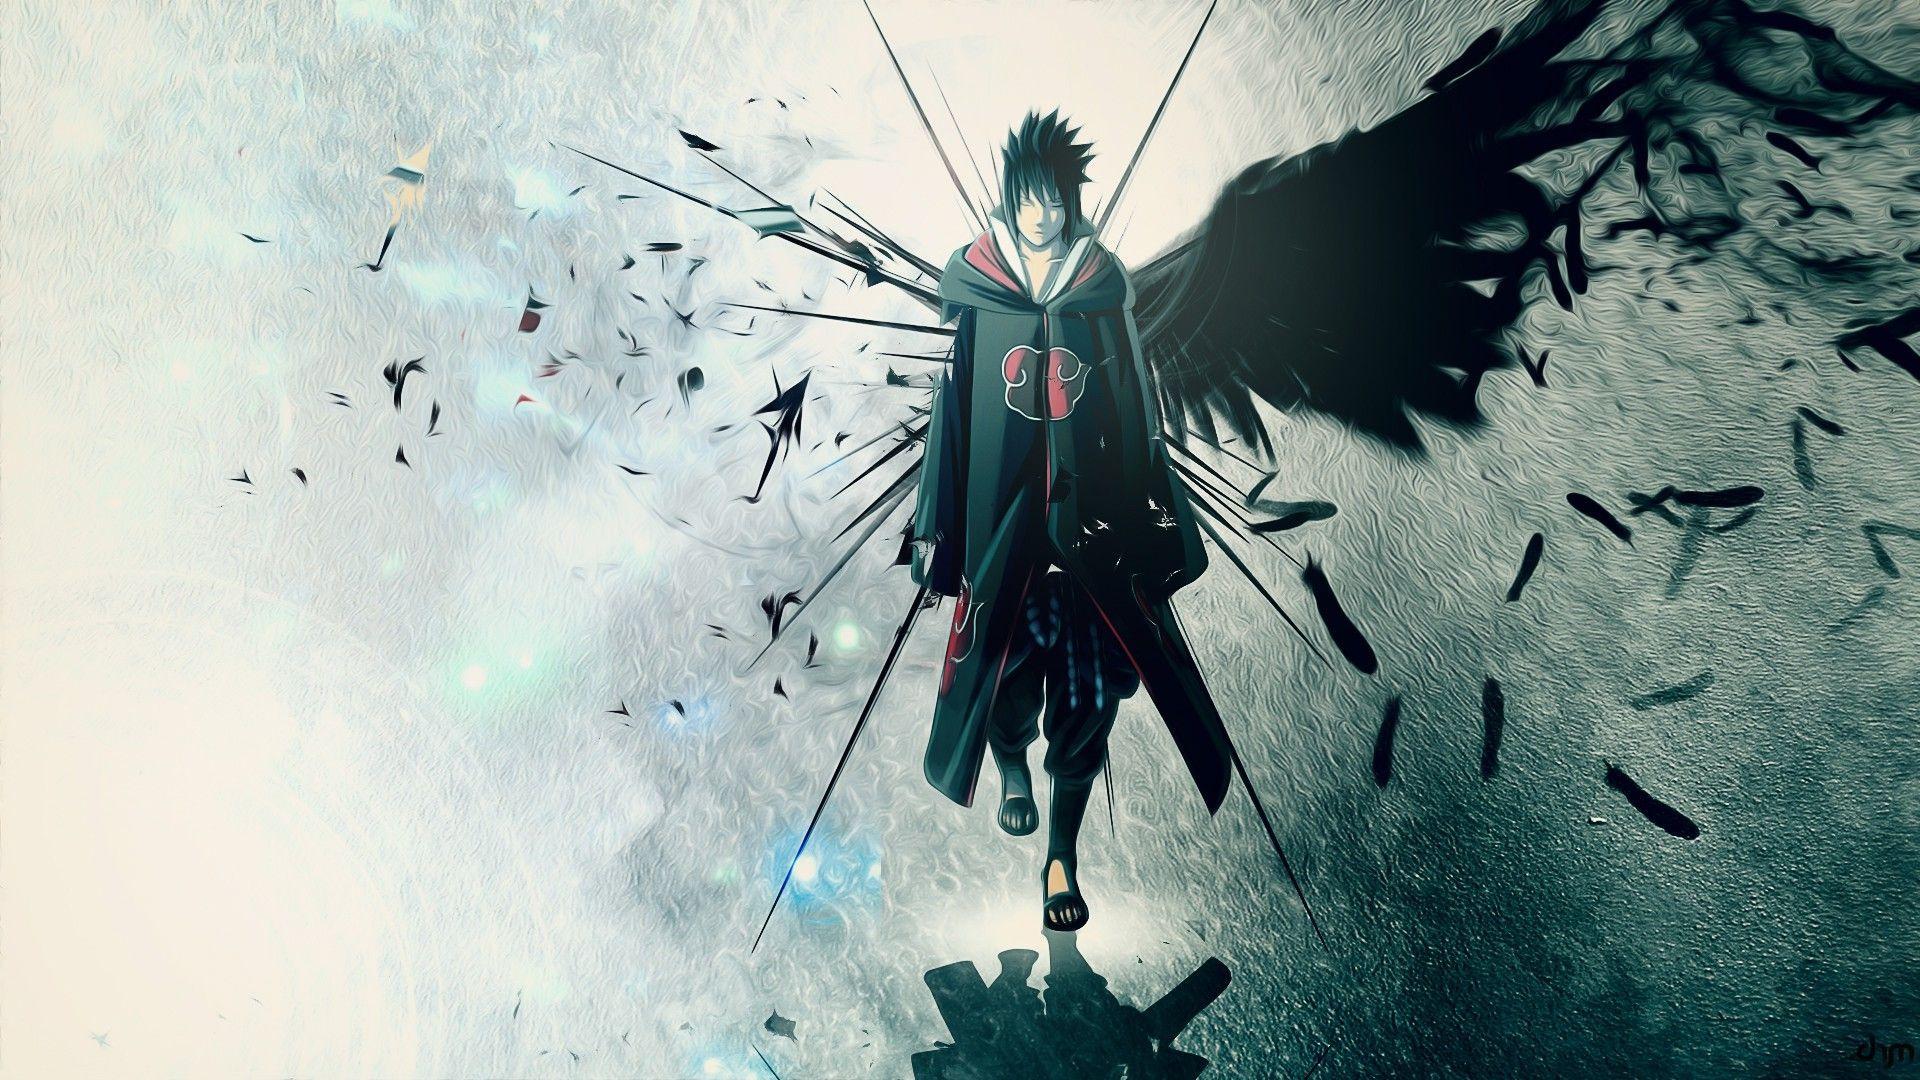 Hd wallpaper anime - Tags Naruto Sasuke Anime Naruto Shippuden Uchiha Sasuke Uchiha Date 13